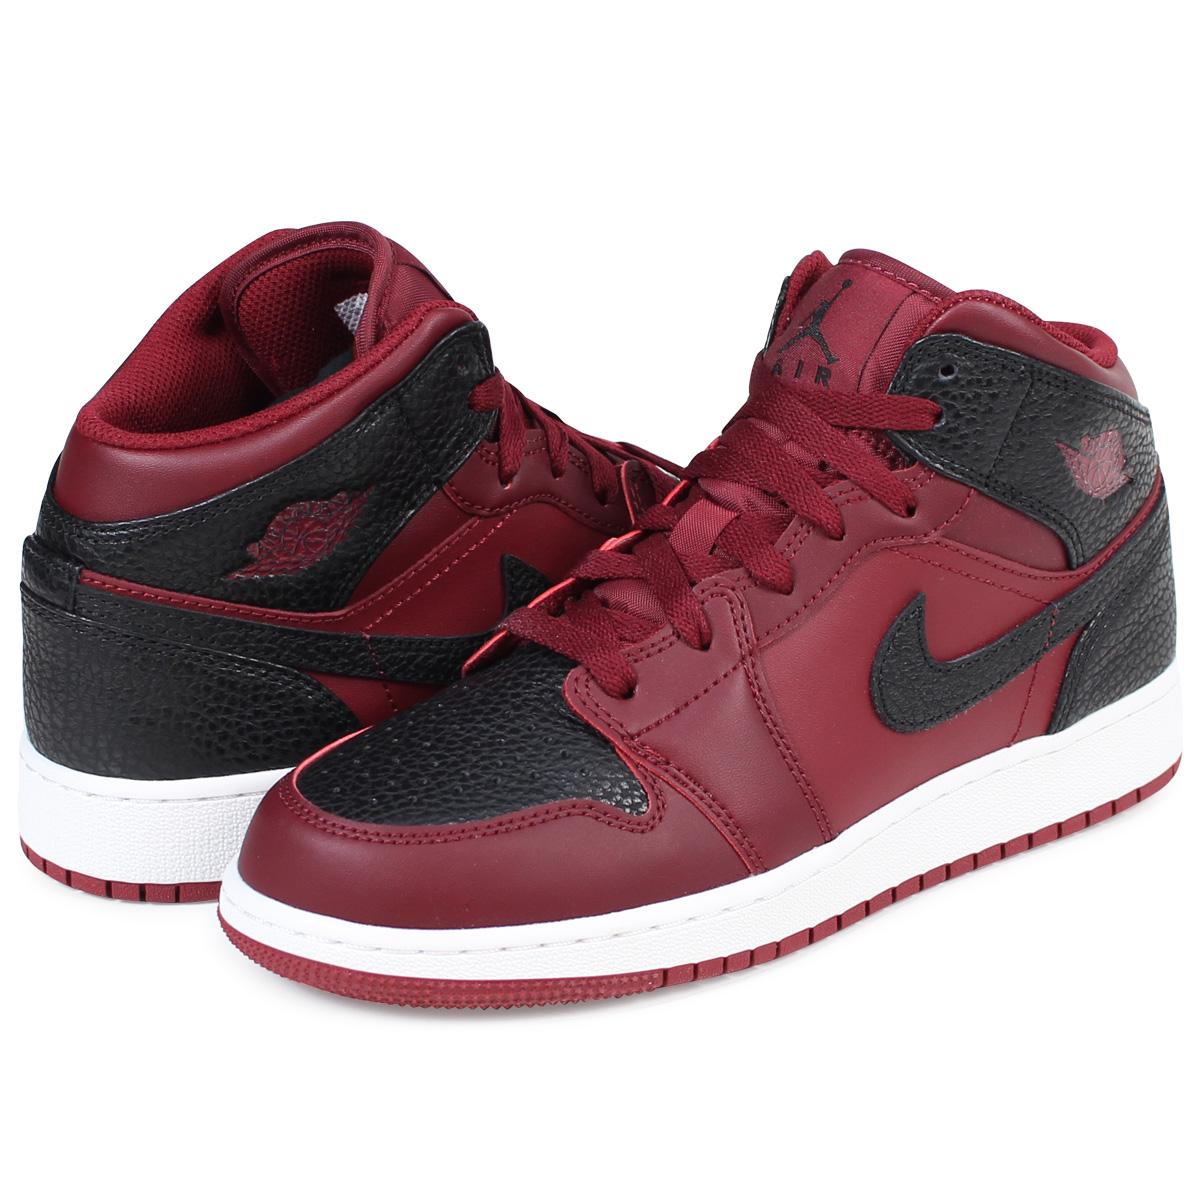 NIKE AIR JORDAN 1 MID BG Nike Air Jordan 1 Lady's sneakers 554,725-601 shoes red [1/9 Shinnyu load]